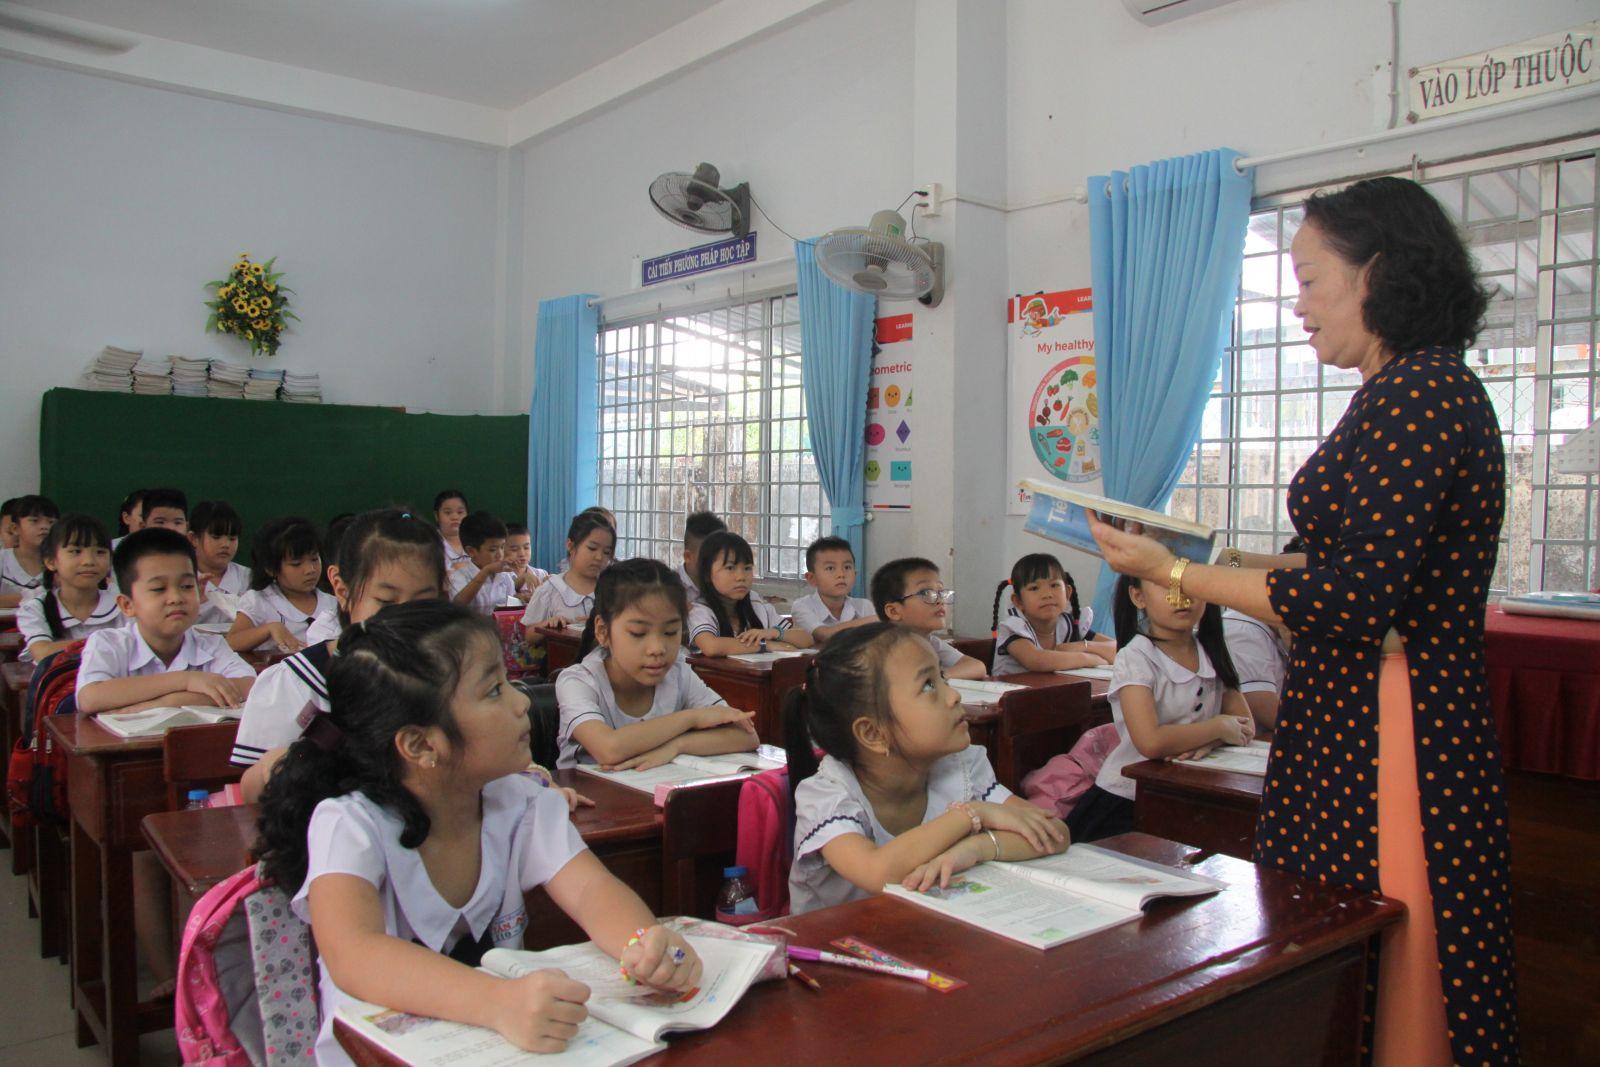 Học sinh trở lại trường sau thời gian tạm nghỉ để phòng, chống dịch bệnh